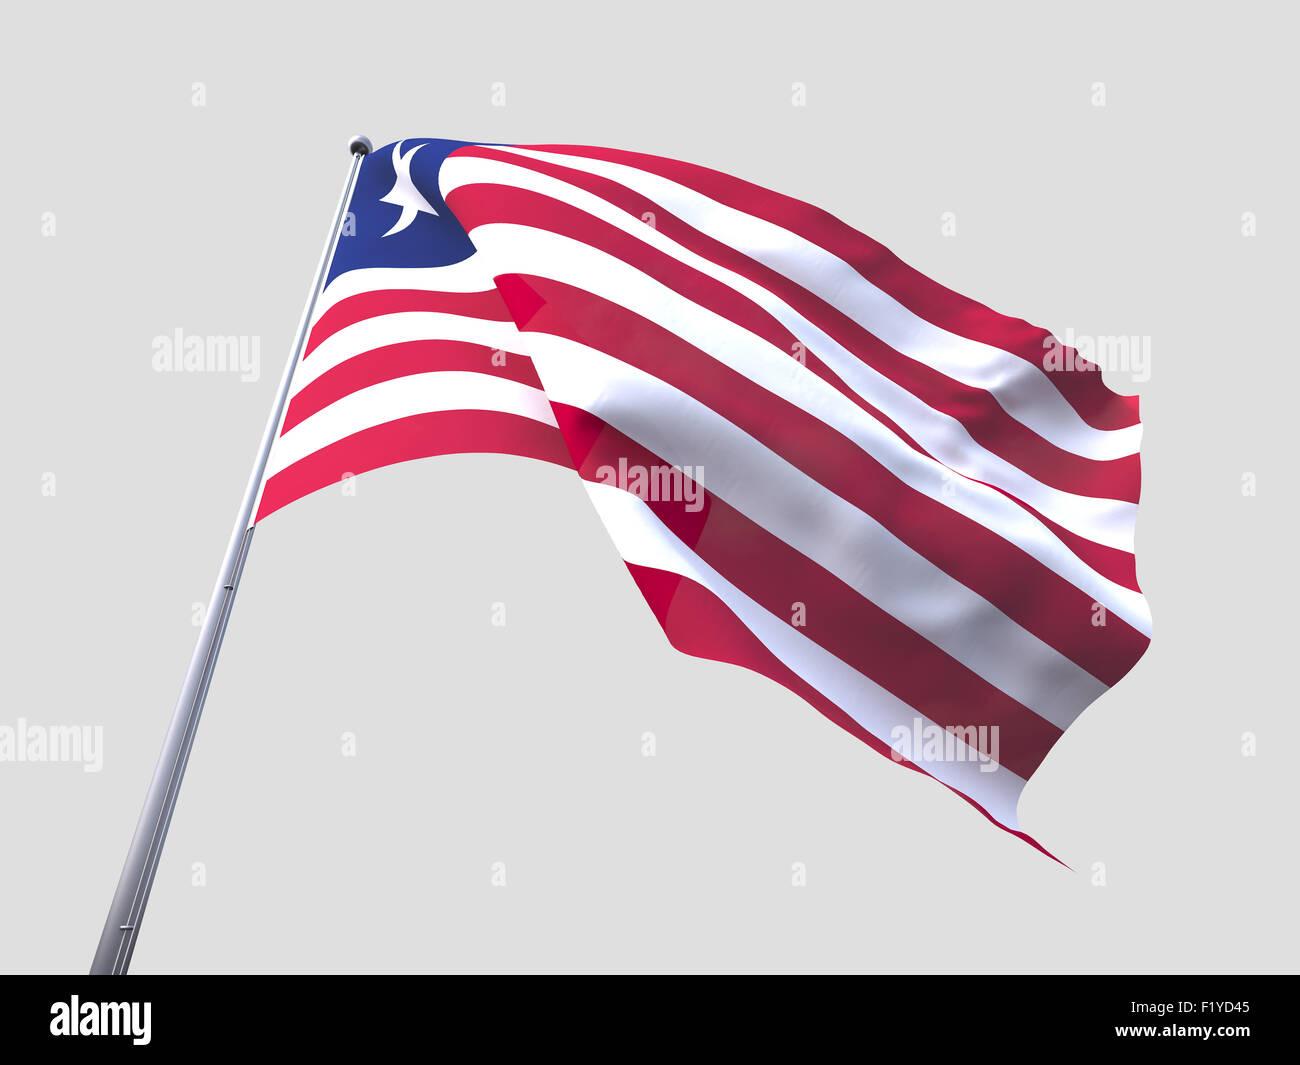 Liberia flying flag isolate on white background. - Stock Image